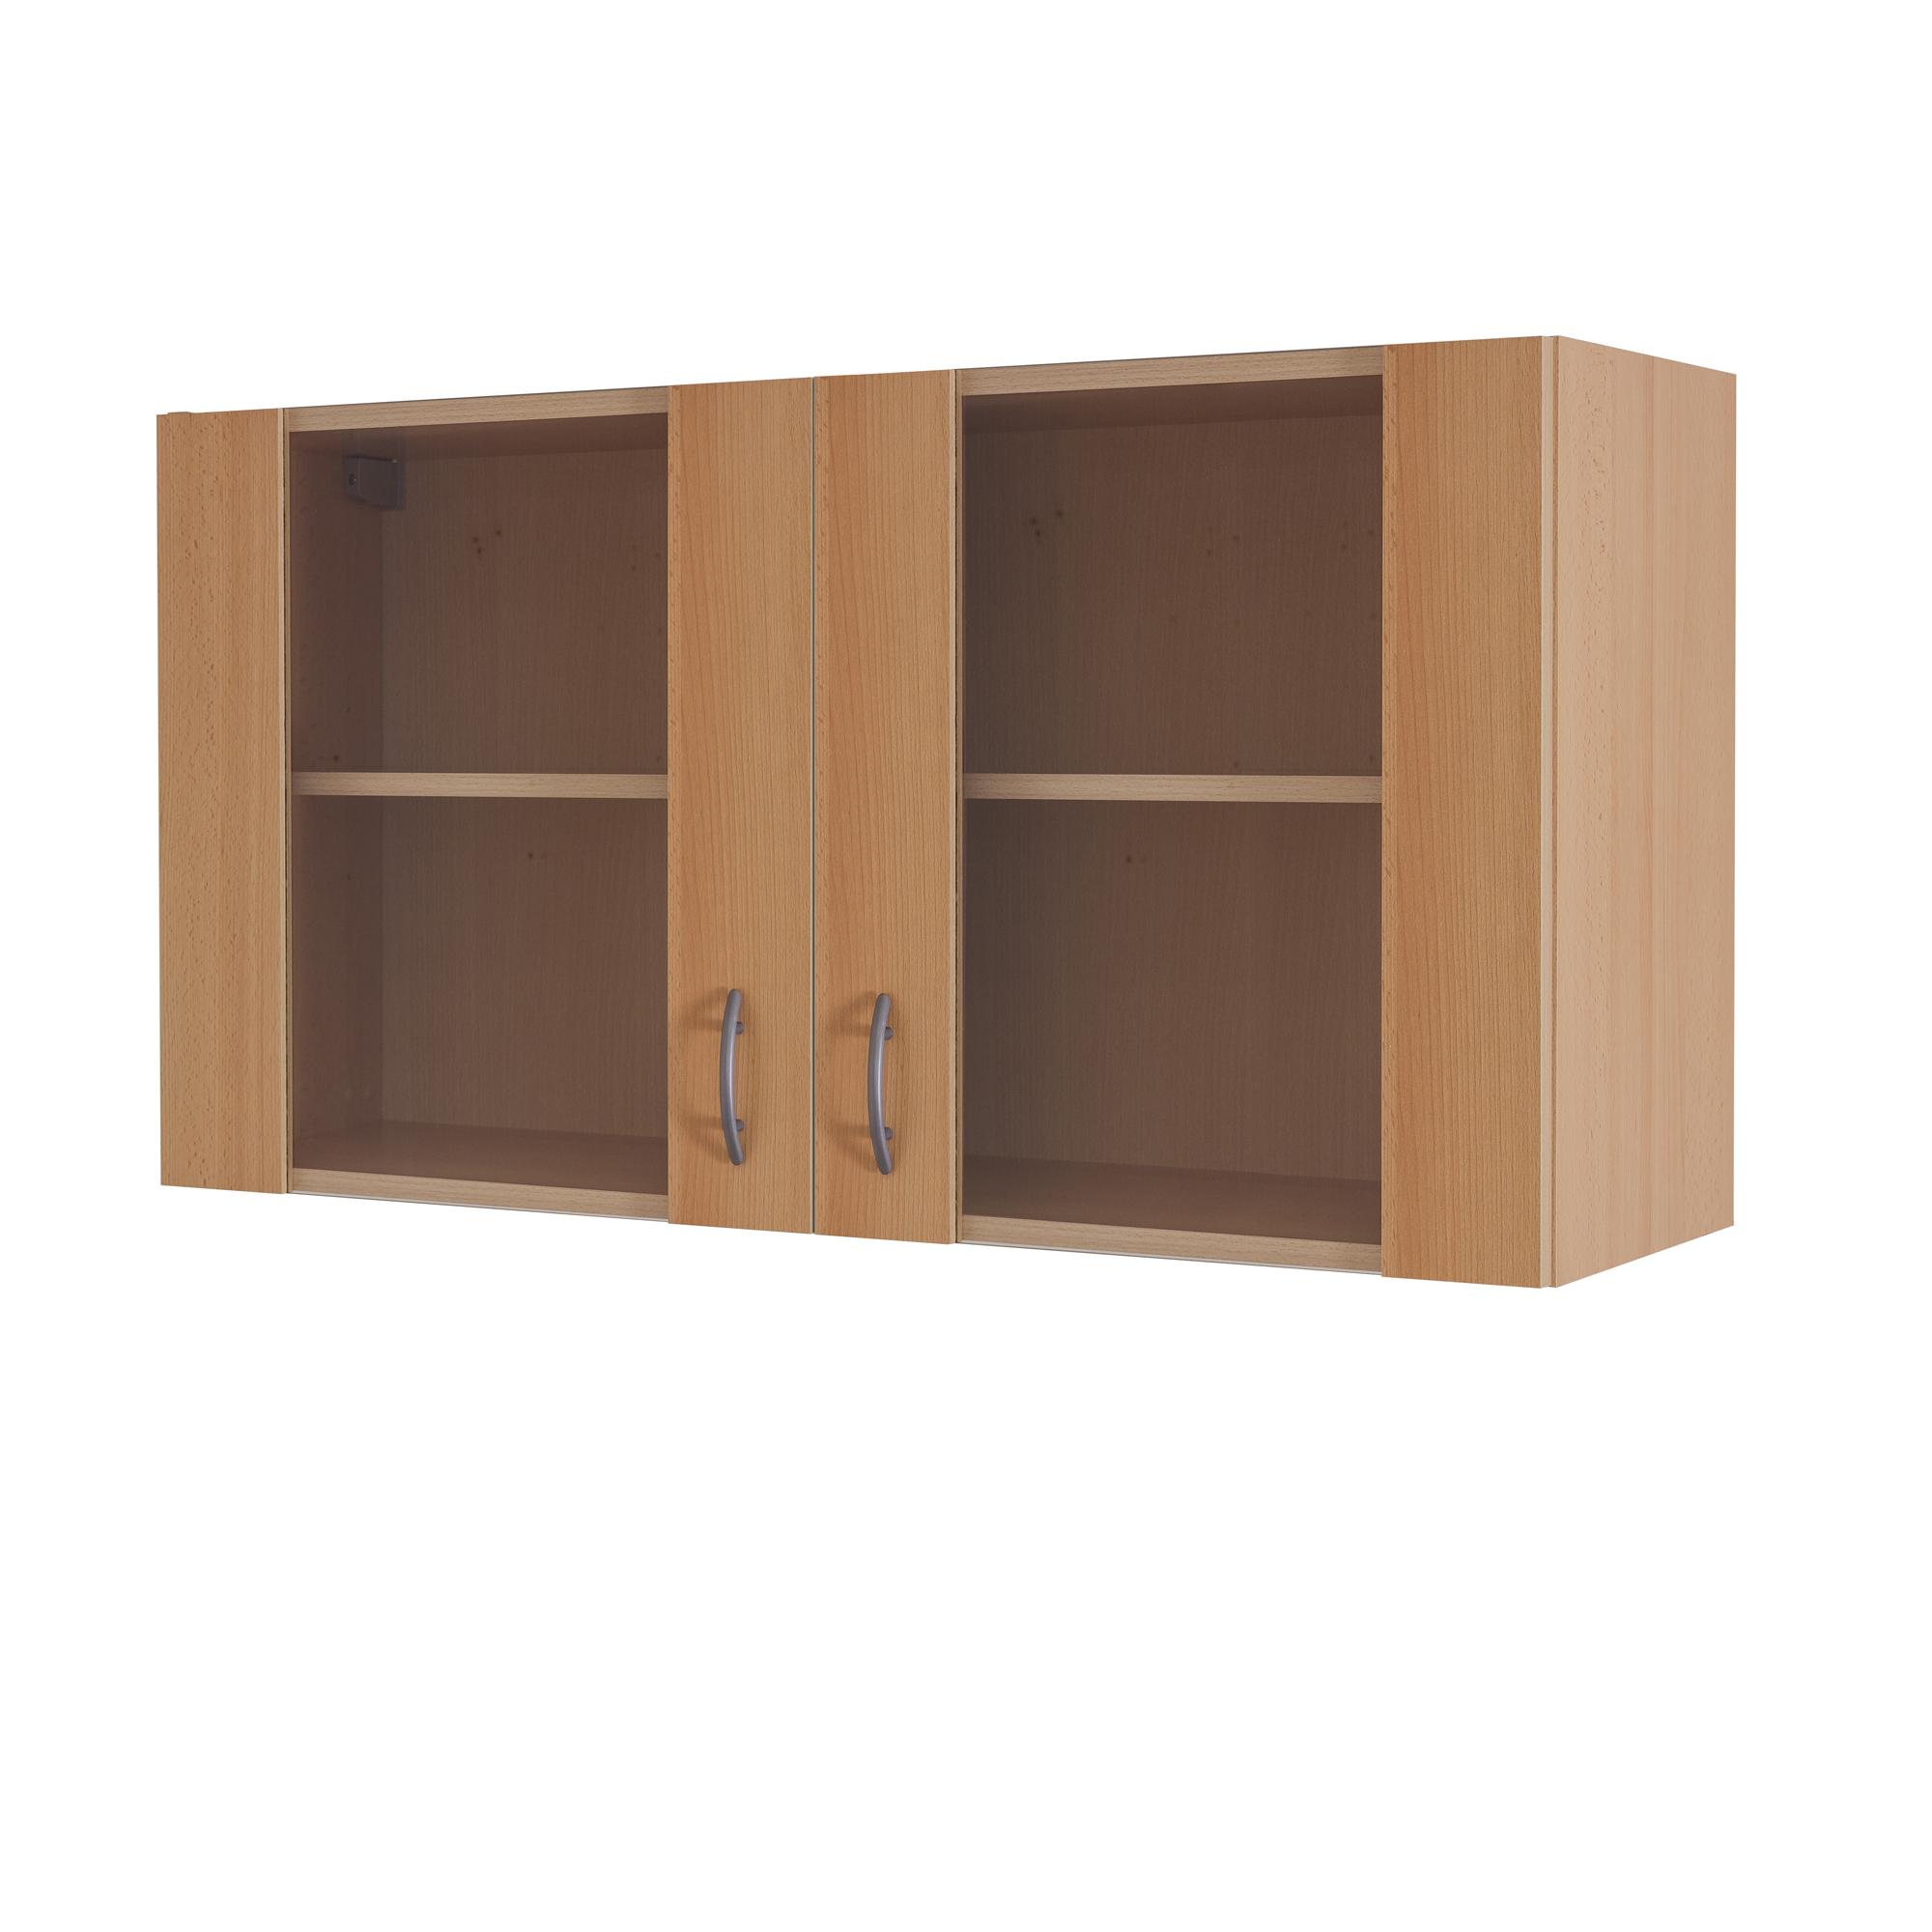 glas h ngeschrank k chen h ngeschrank oberschrank. Black Bedroom Furniture Sets. Home Design Ideas